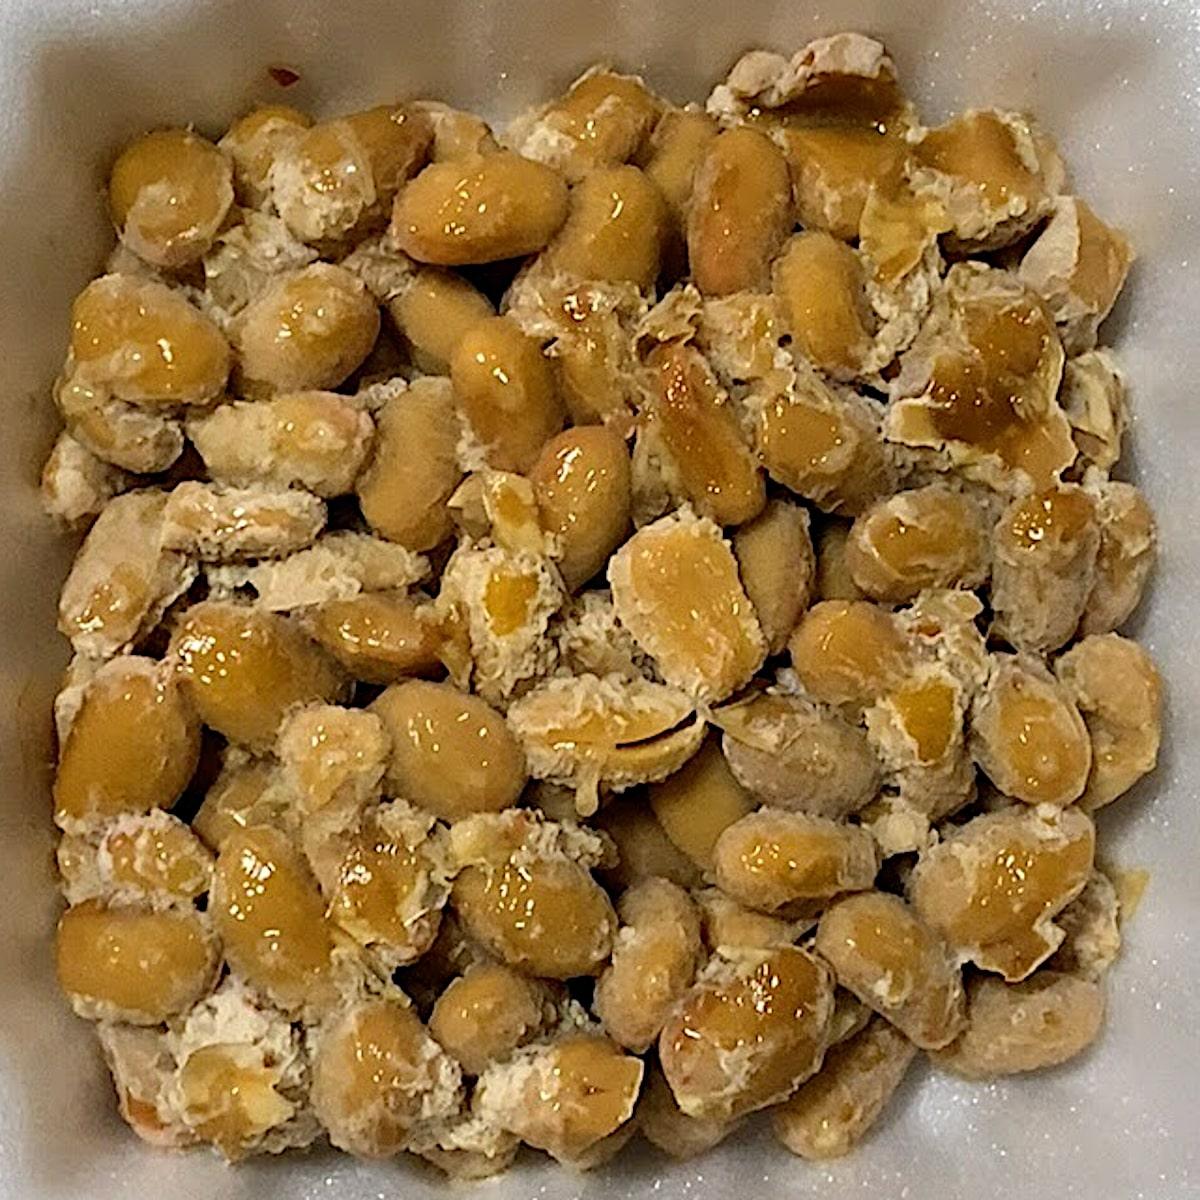 「金のつぶ 金の熟成」の納豆の画像